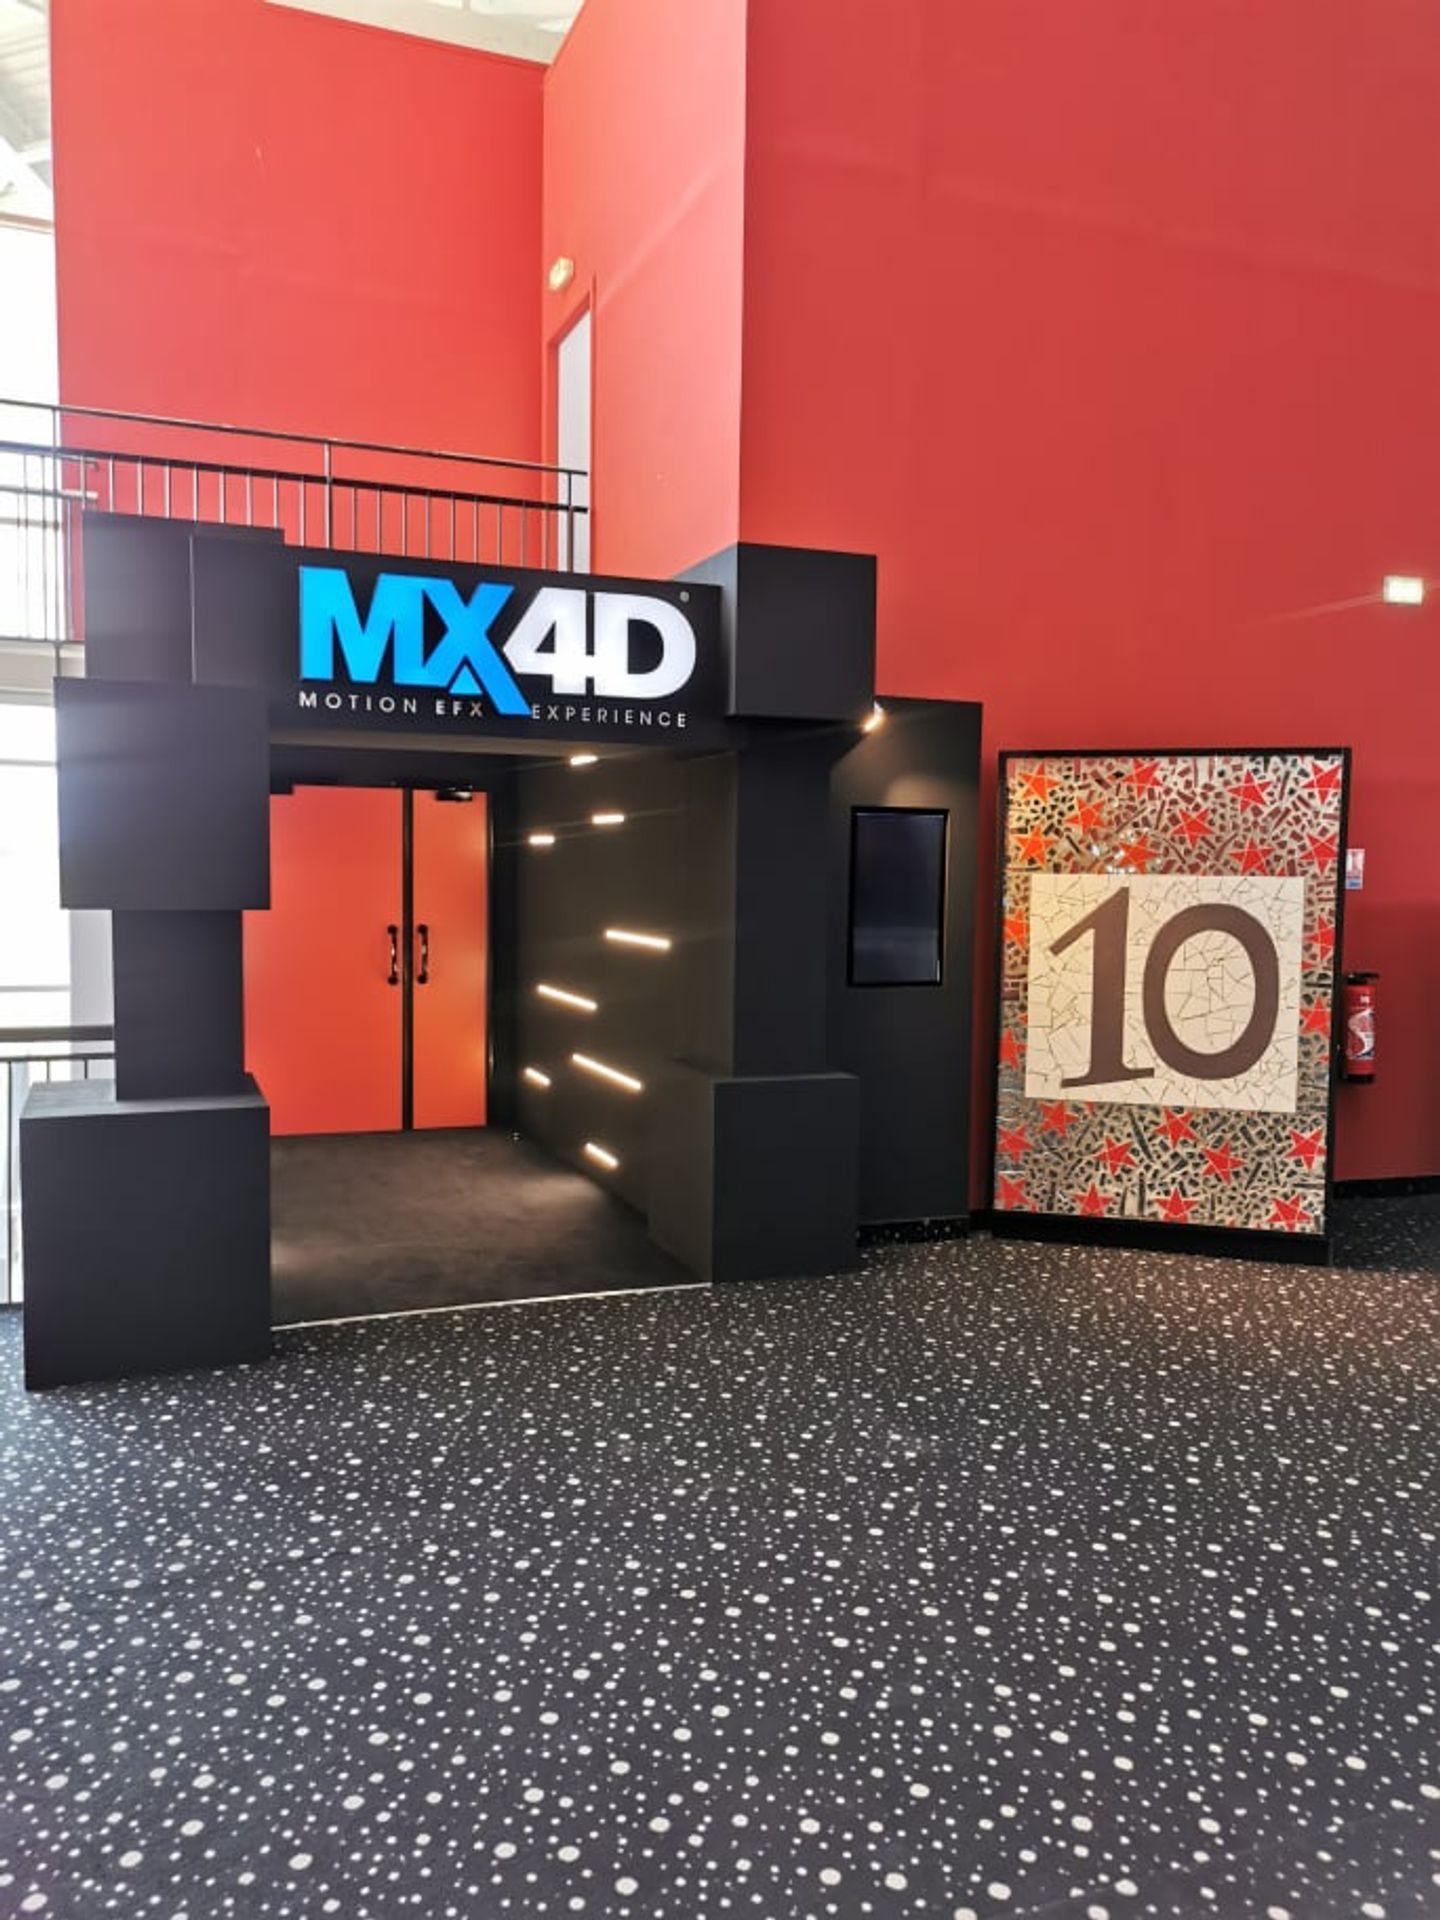 l'entrée de la nouvelle salle MX4D au MégaCastillet